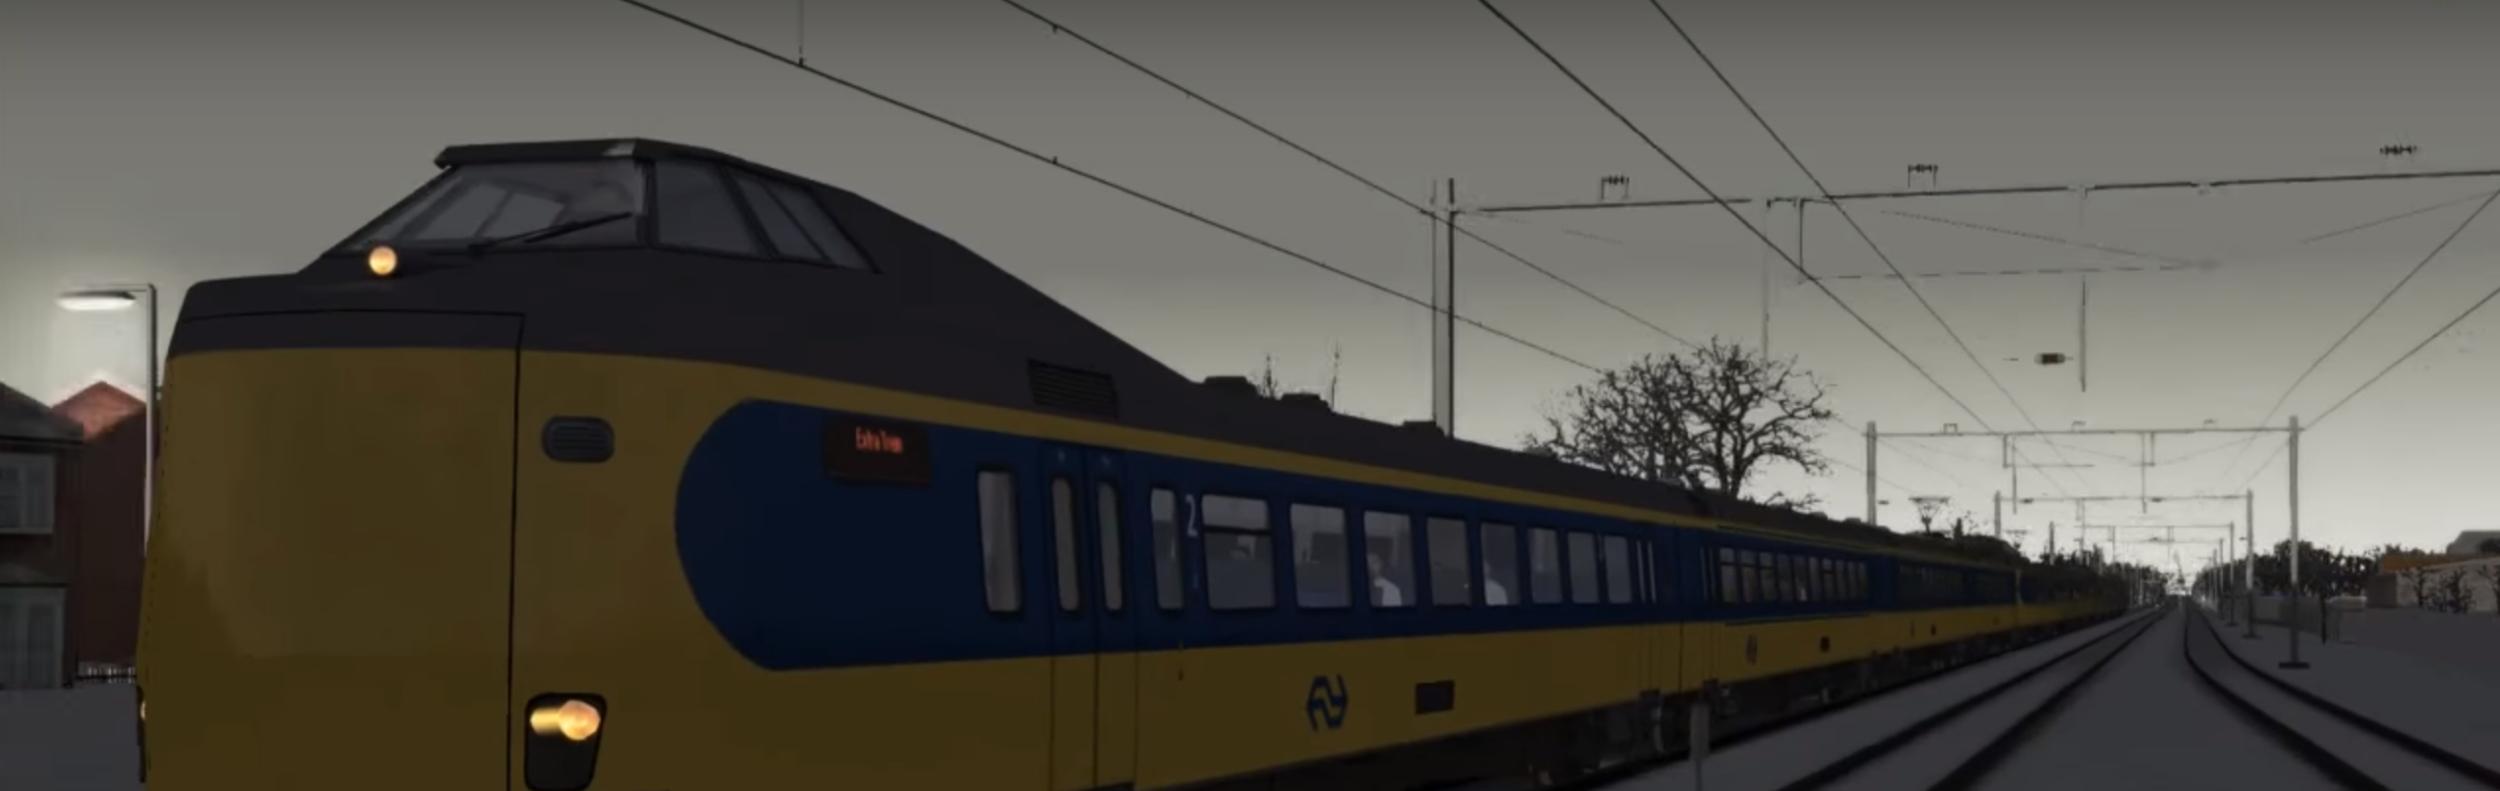 NS Train 1.PNG